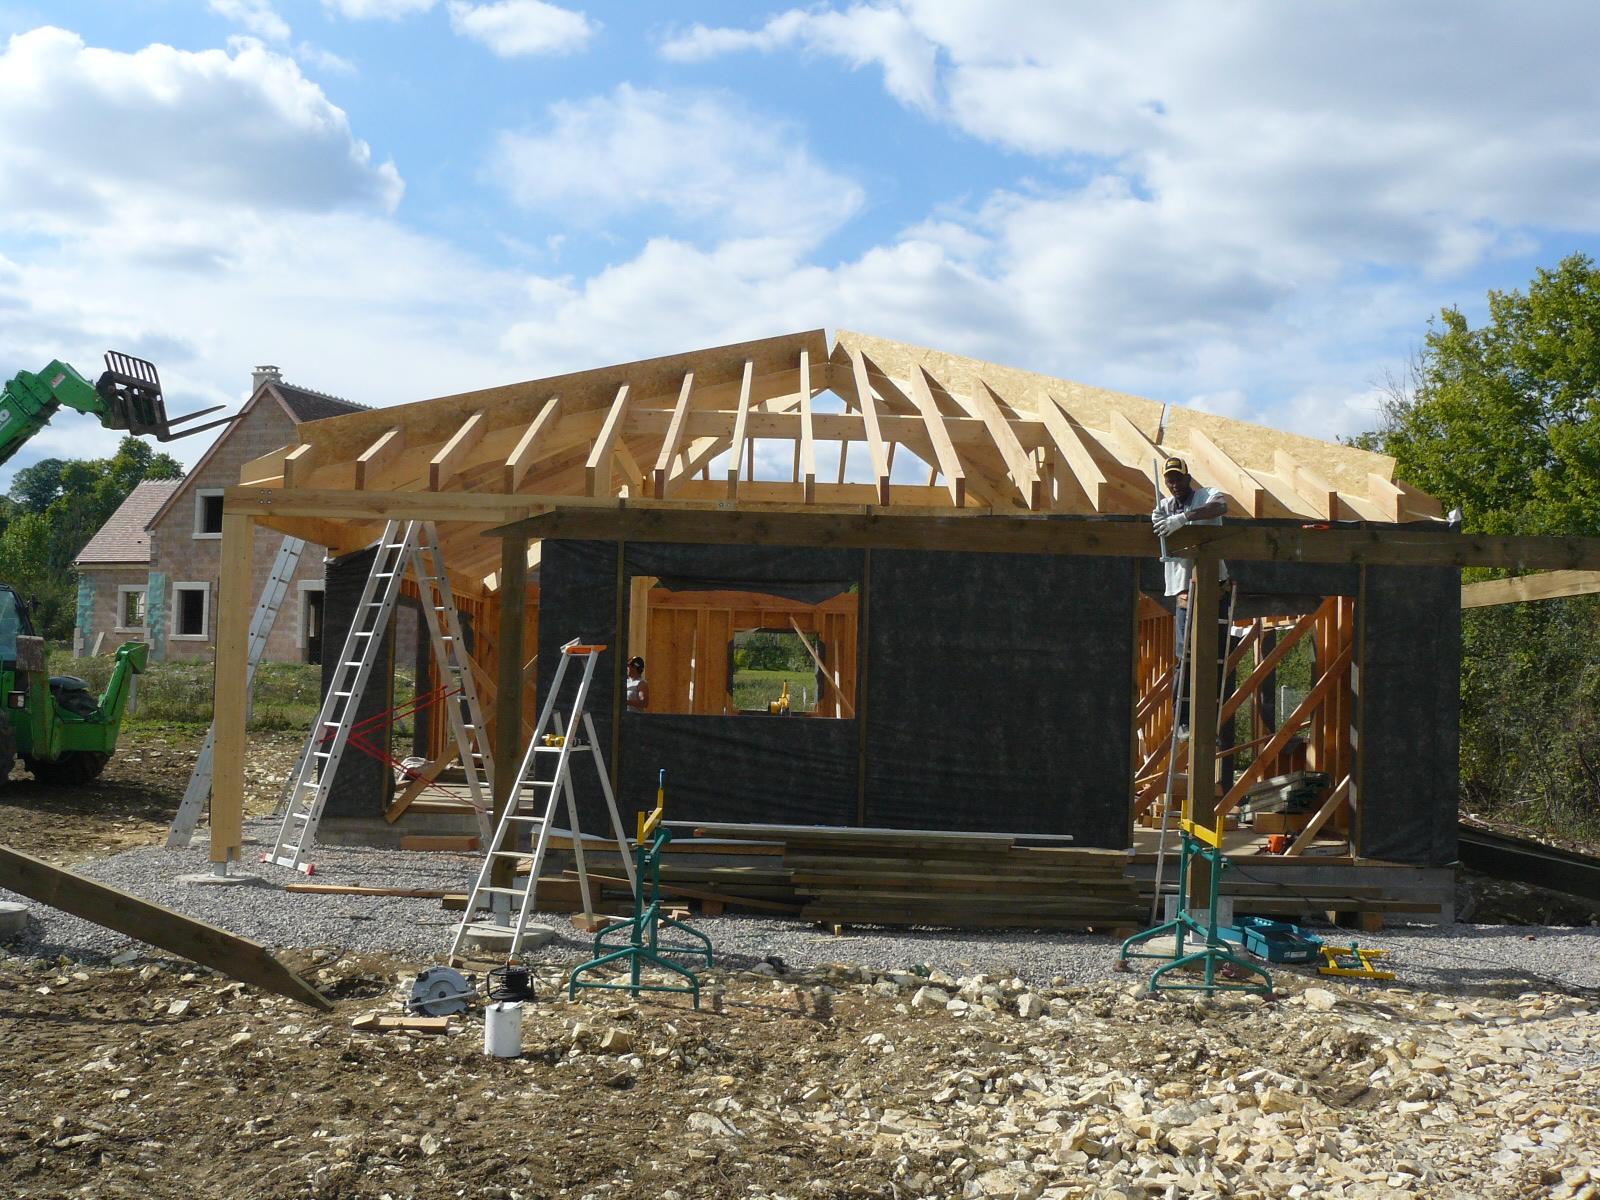 Fazele constructive ale unei case din lemn la cheie NATURAL LIVING - Poza 42